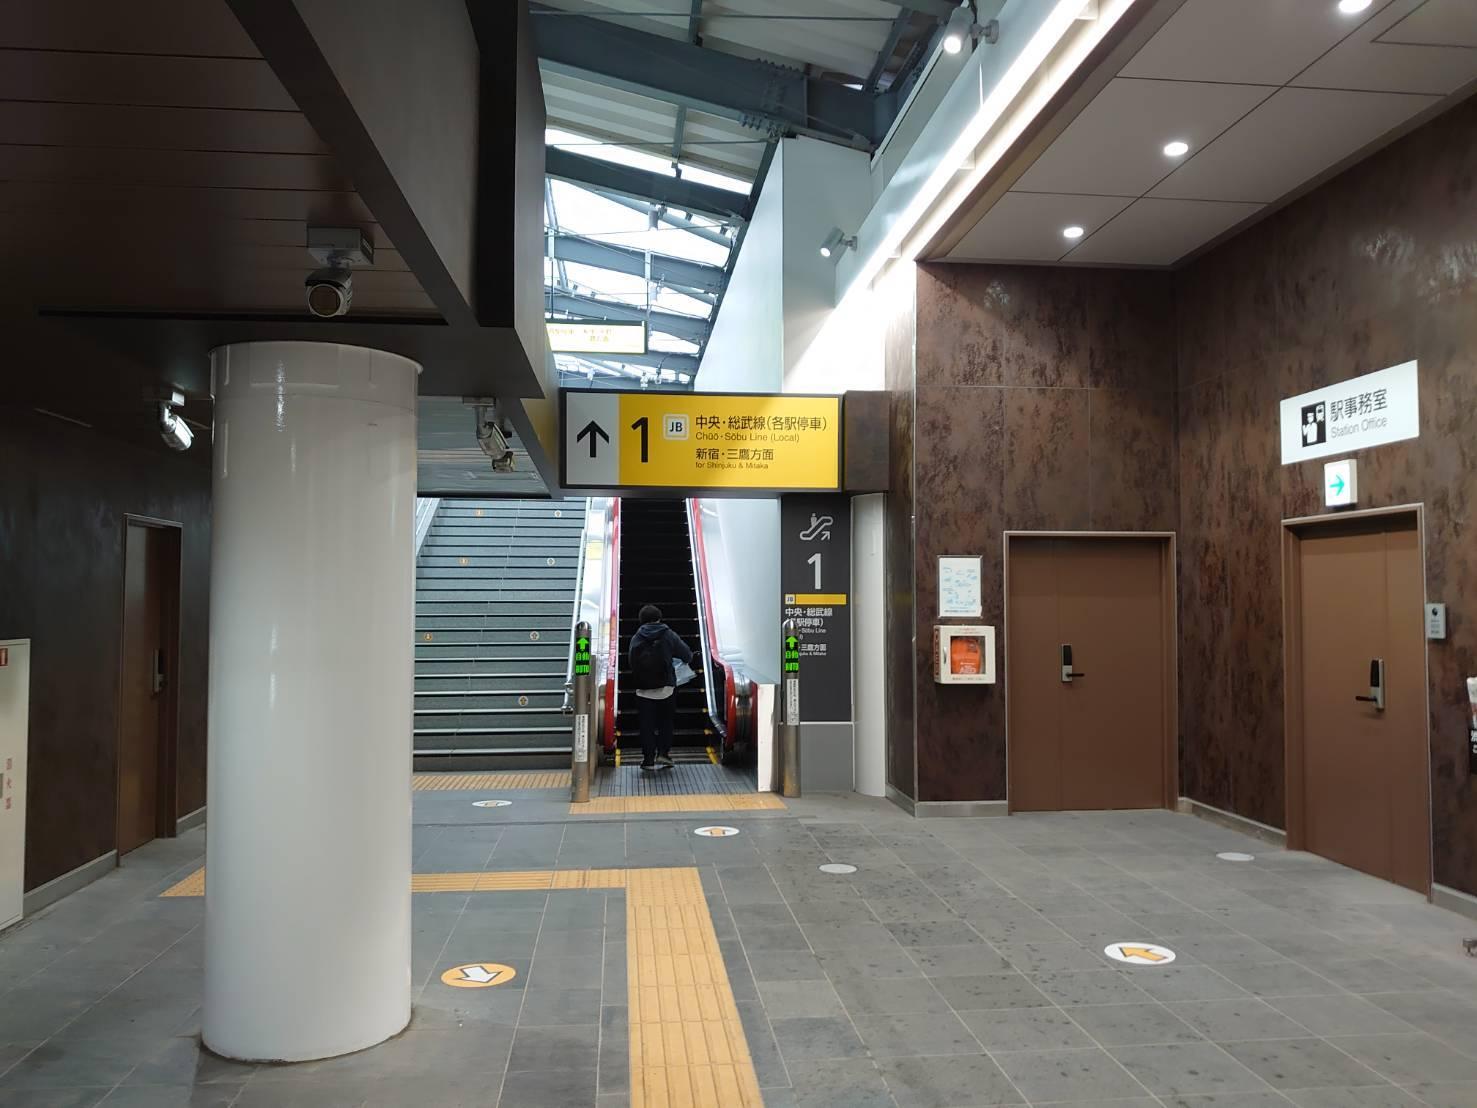 「千駄ヶ谷駅リニューアル」_a0075684_10372258.jpg